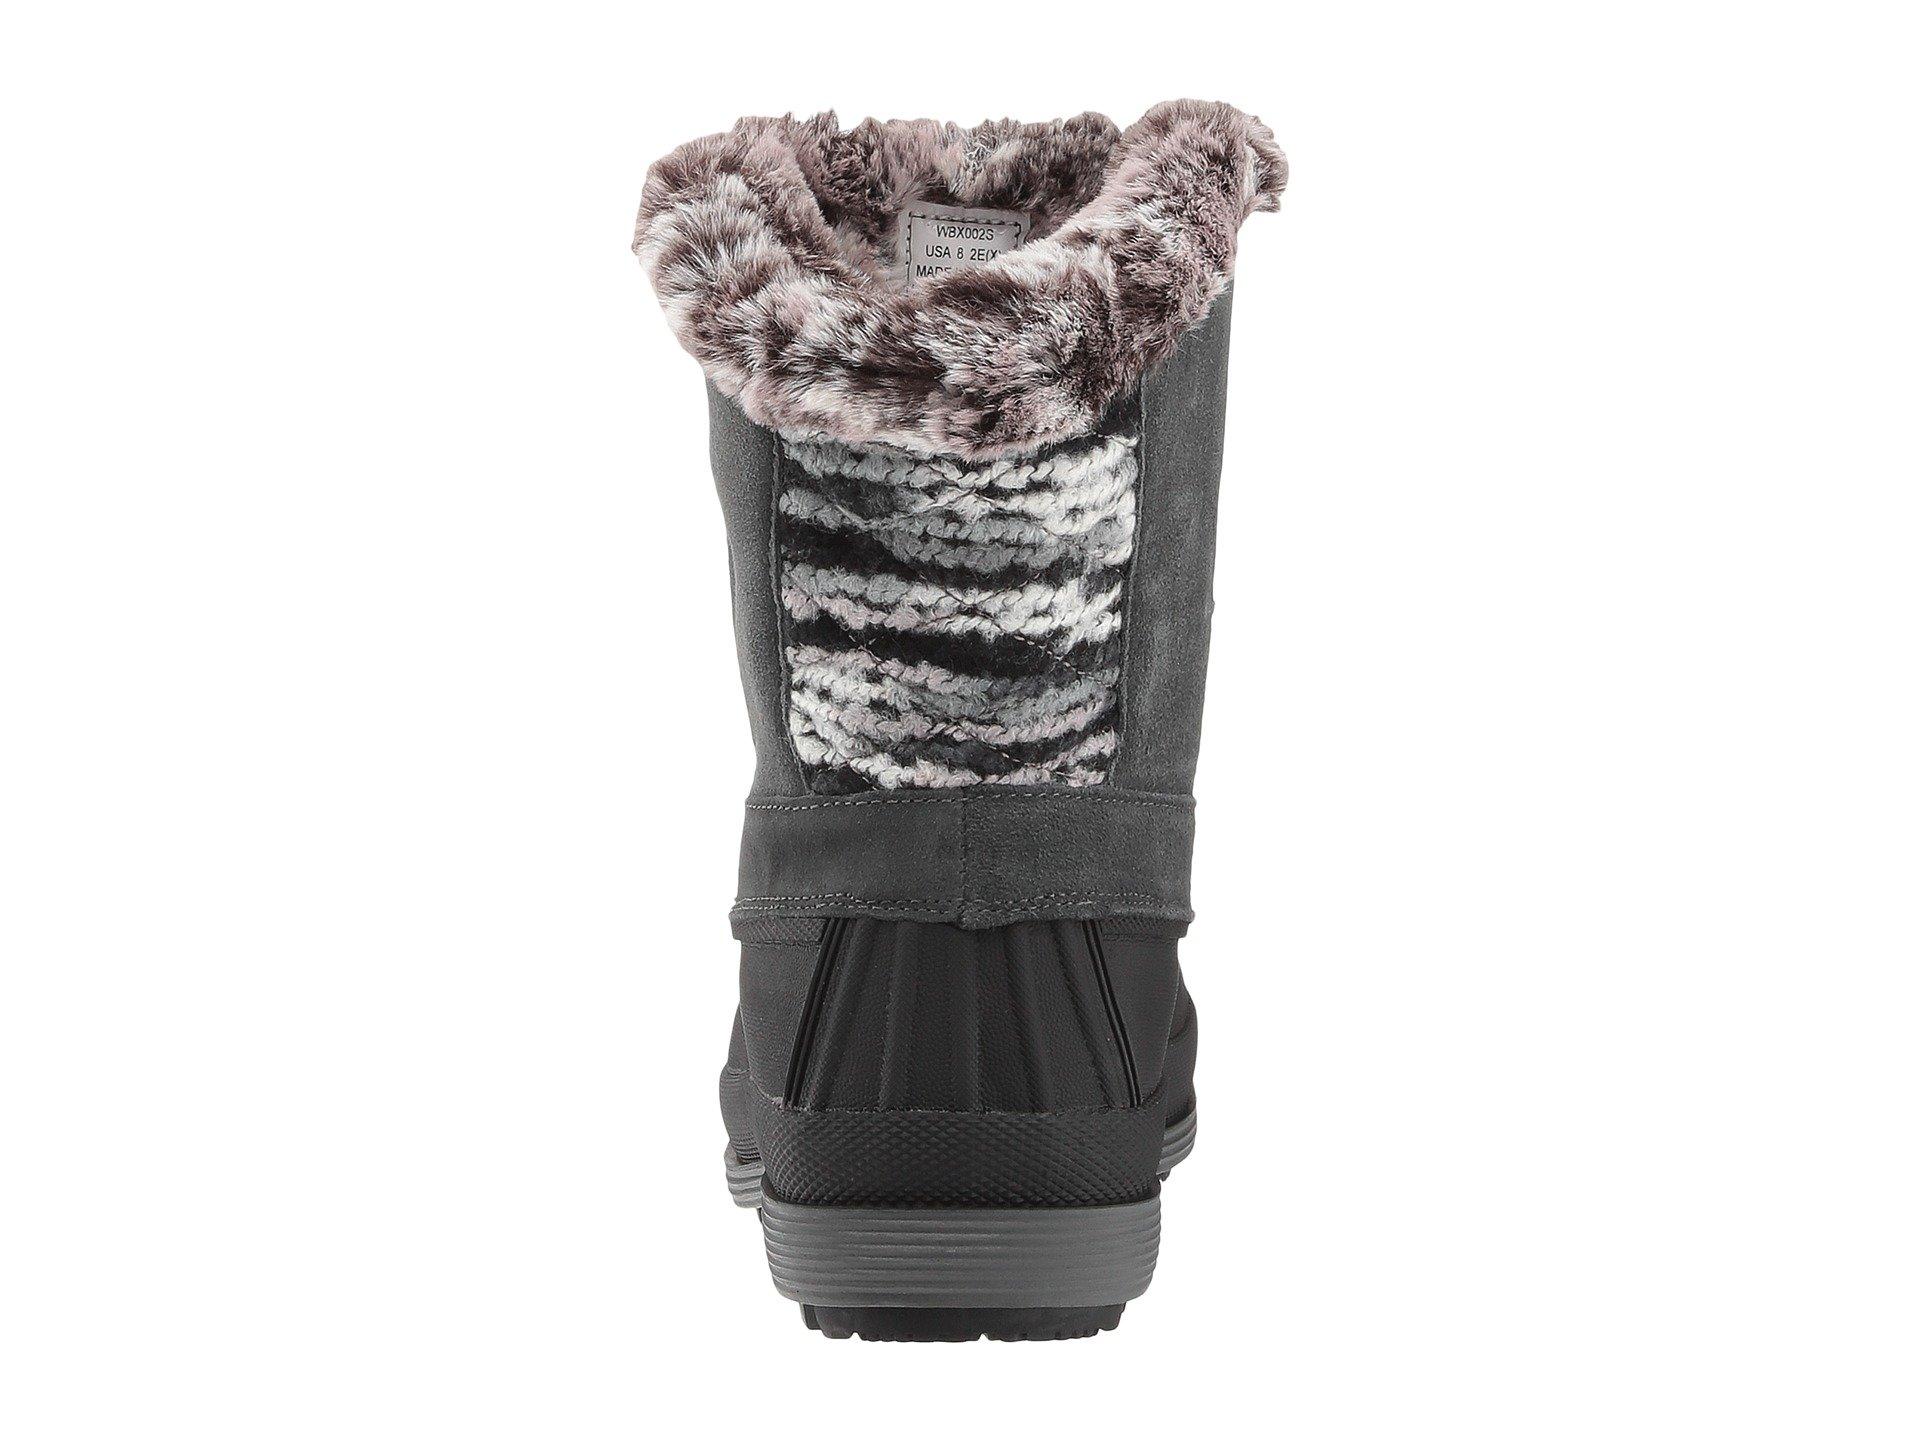 Tall Tall Grey Lace Lumi Tall Grey Lace Propet Grey Propet Propet Propet Lumi Lumi Lace OX7Wq8w